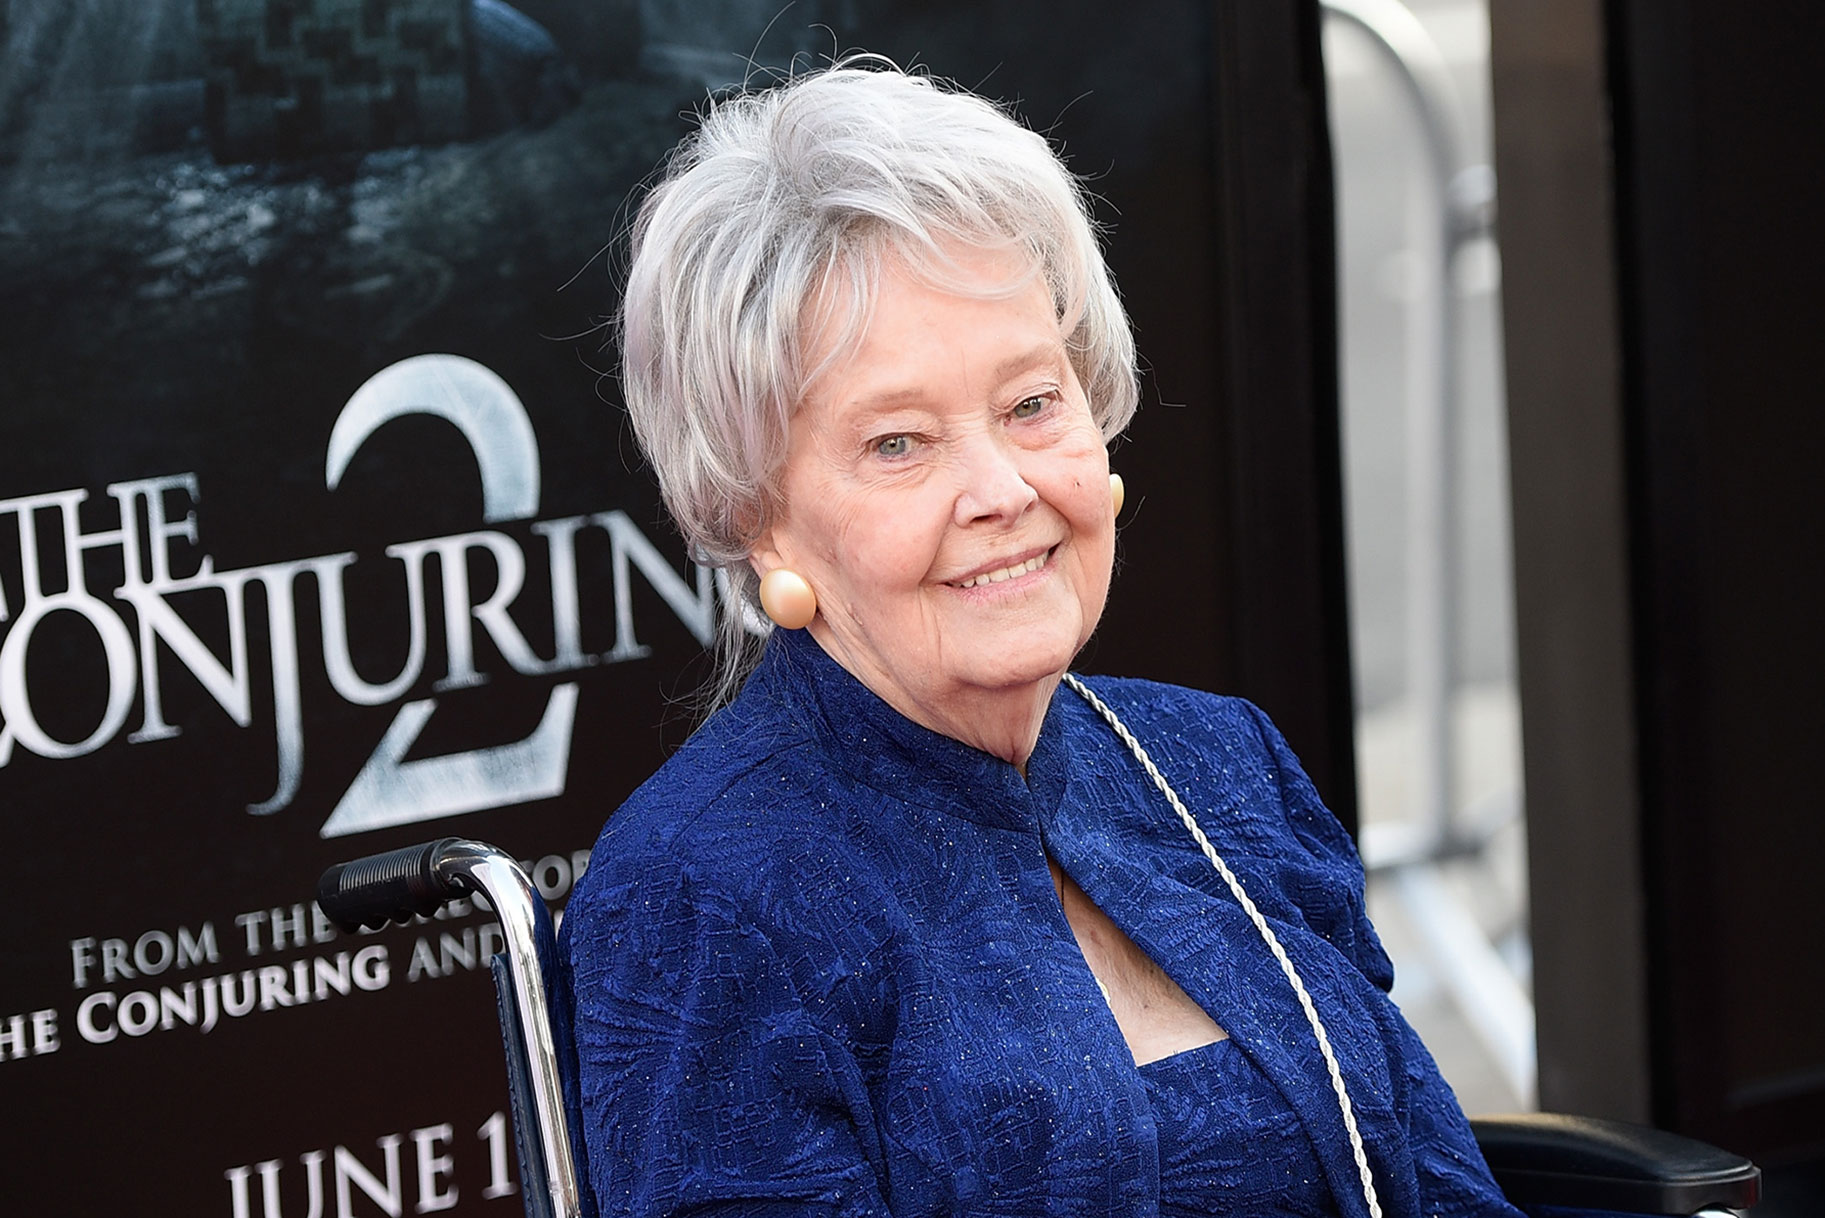 Lorraine Warren, médium psíquica que inspiró las películas de 'The Conjuring', fallece a los 92 años